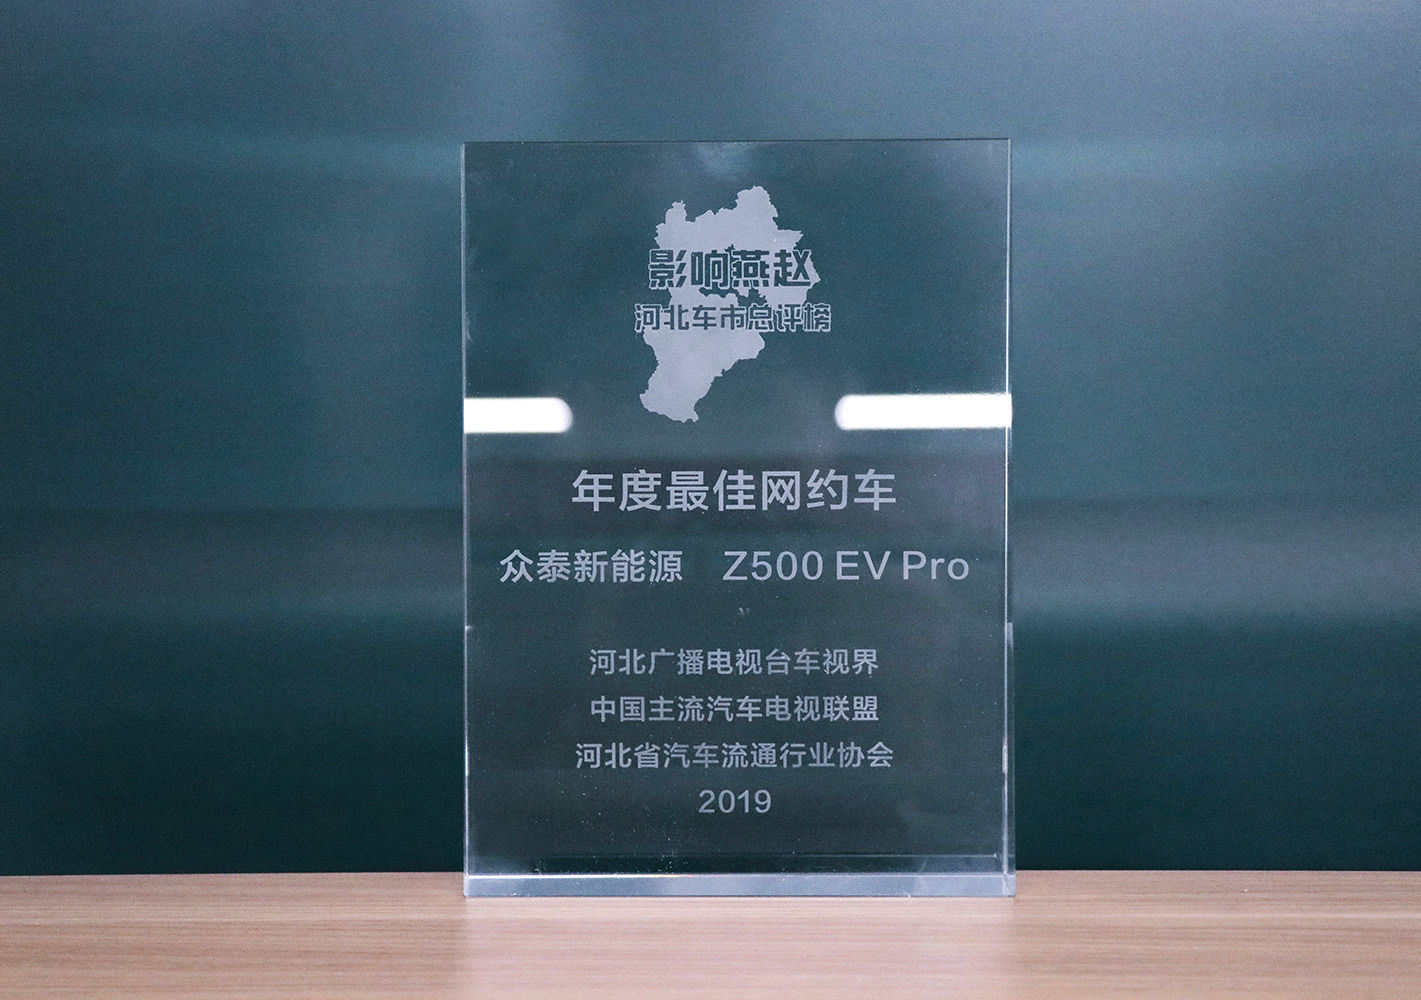 2019影响燕赵·河北车市总评榜,众泰Z500EV Pro荣获河北车市年度最佳网约车